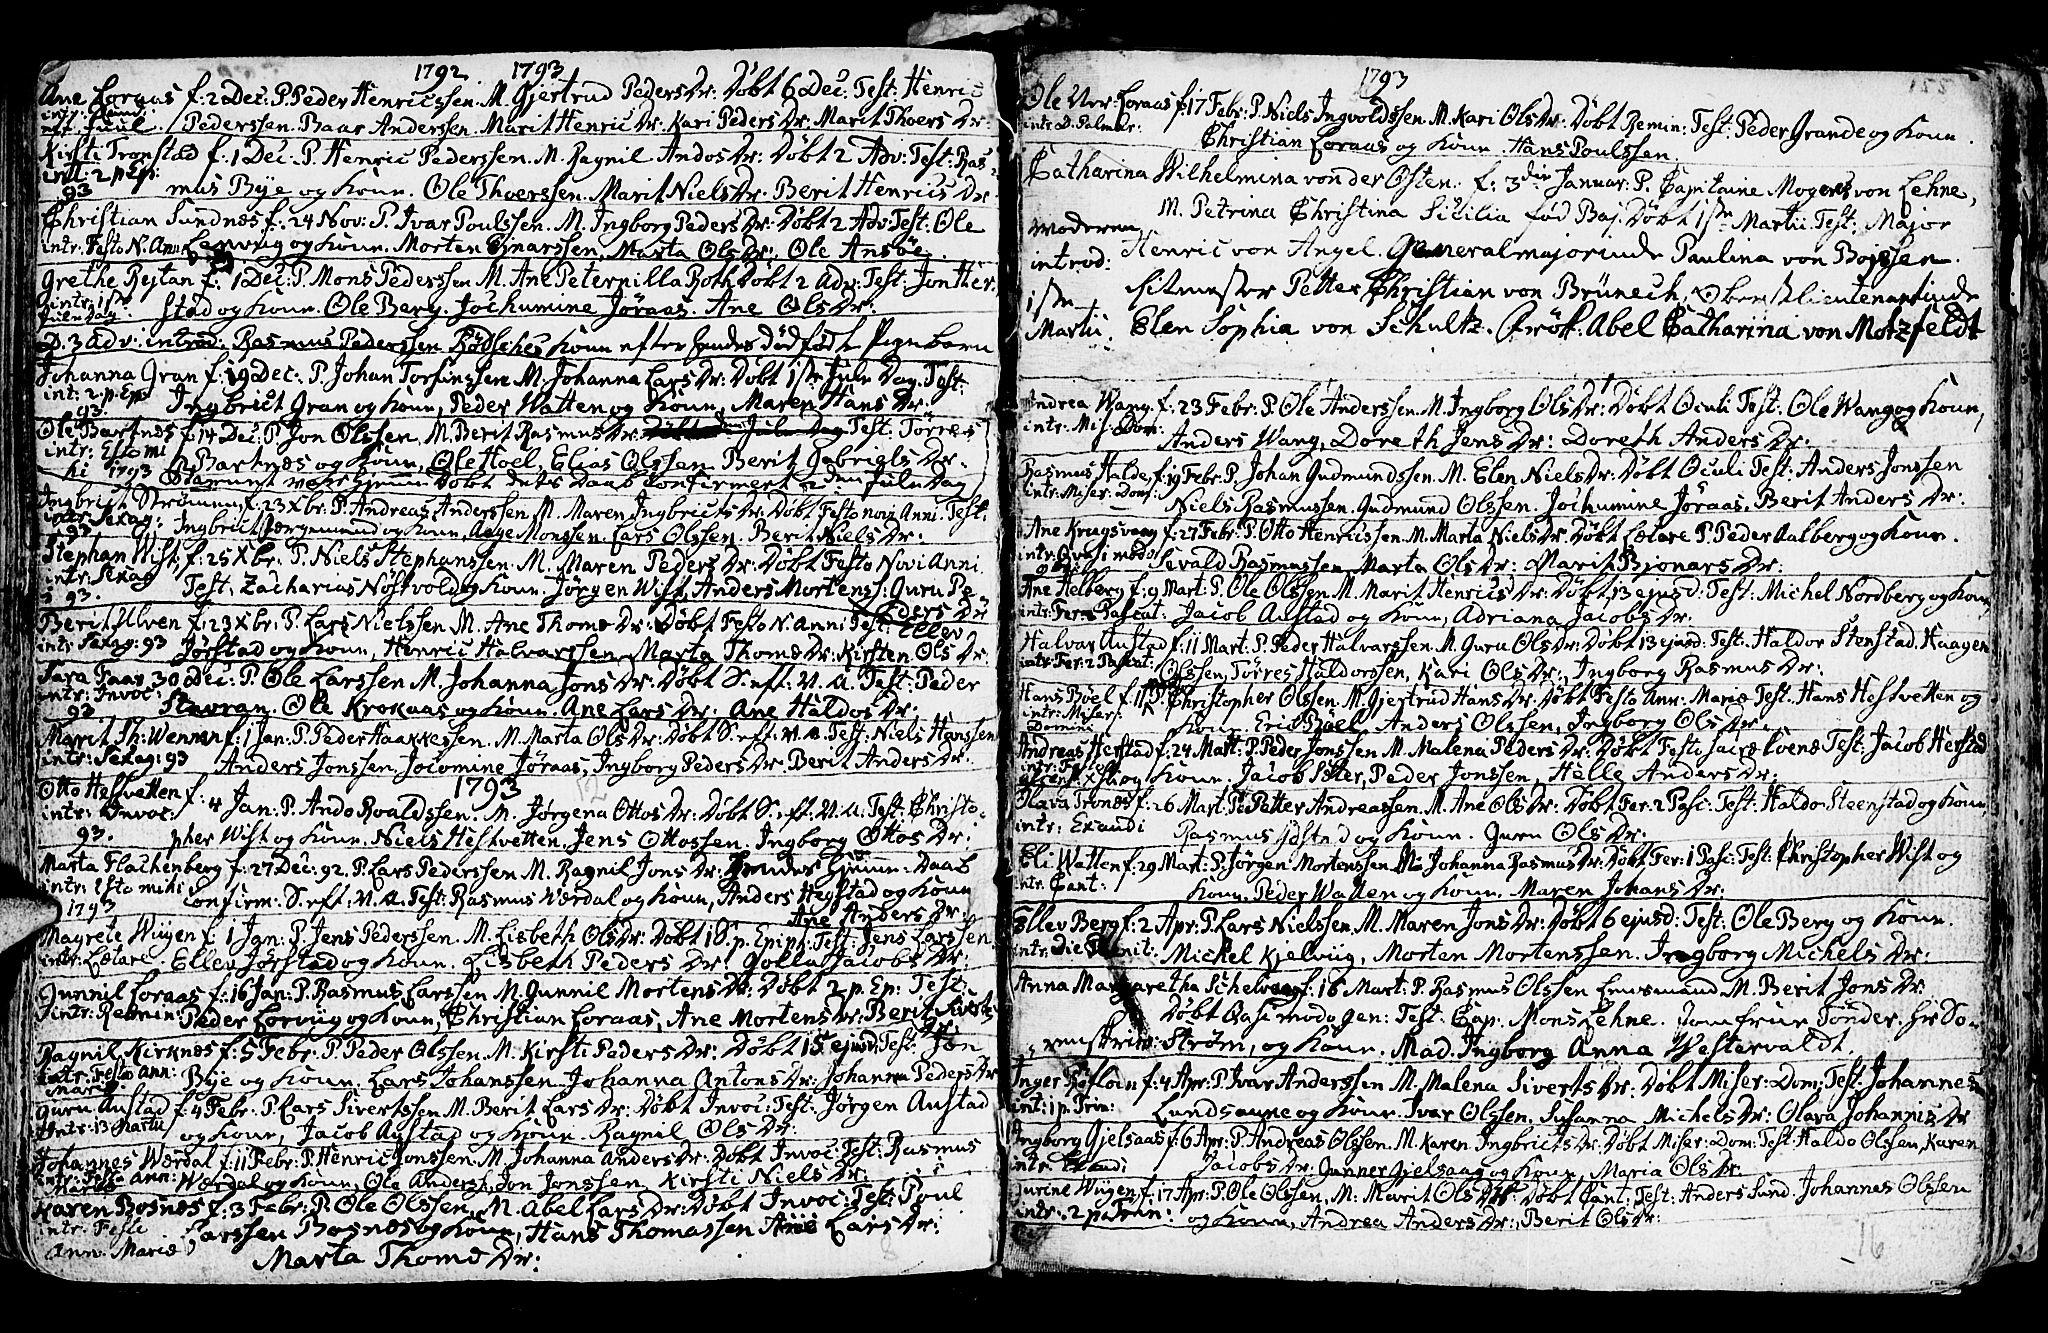 SAT, Ministerialprotokoller, klokkerbøker og fødselsregistre - Nord-Trøndelag, 730/L0273: Ministerialbok nr. 730A02, 1762-1802, s. 155